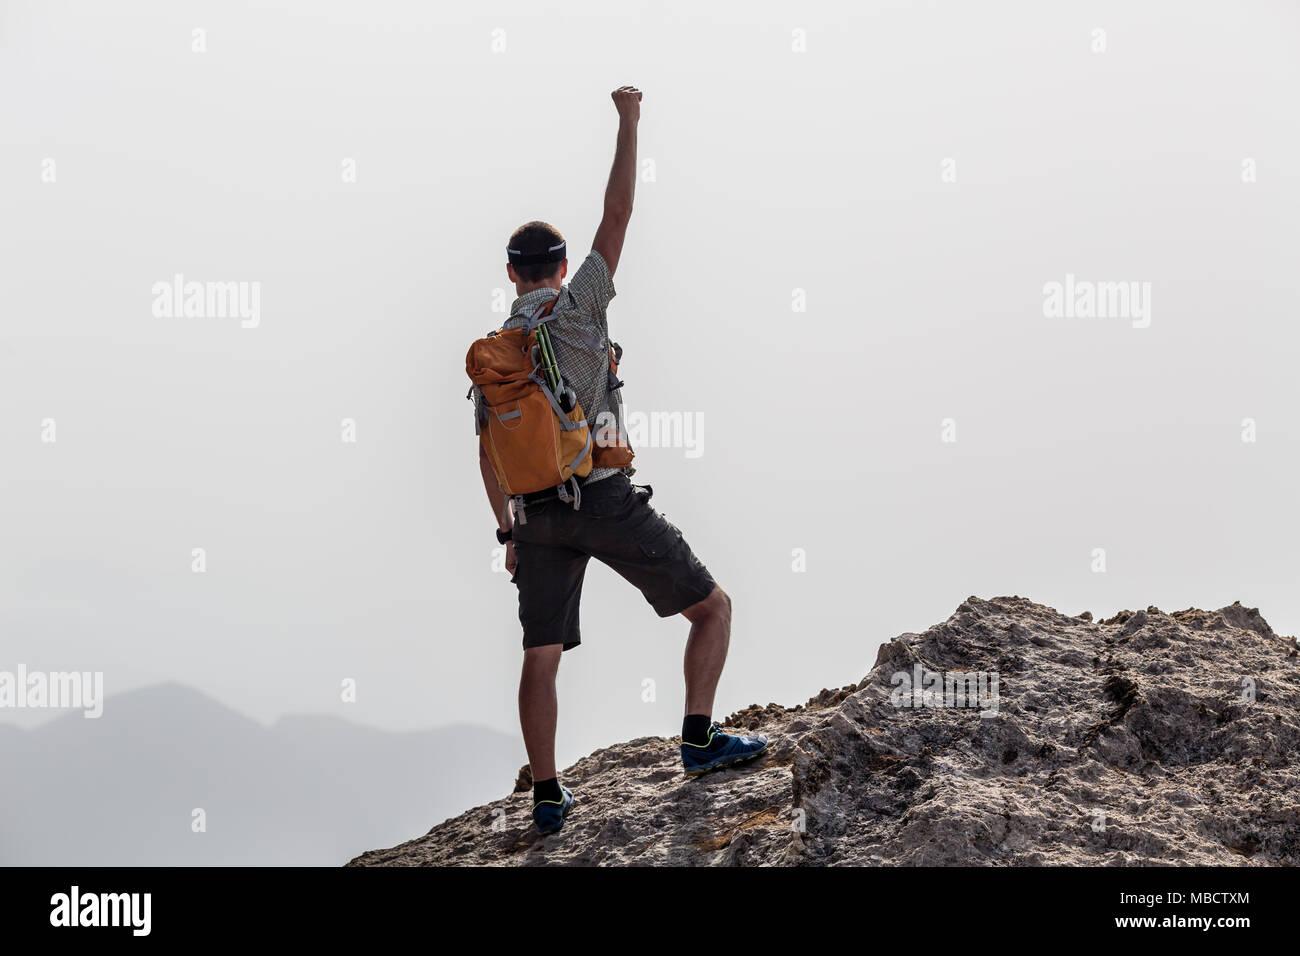 Erfolg und Leistung Business Konzept mit Menschen feiern mit Hand, Arm, ausgestreckt auf inspirierende Landschaft, Griechenland suchen. Stockbild